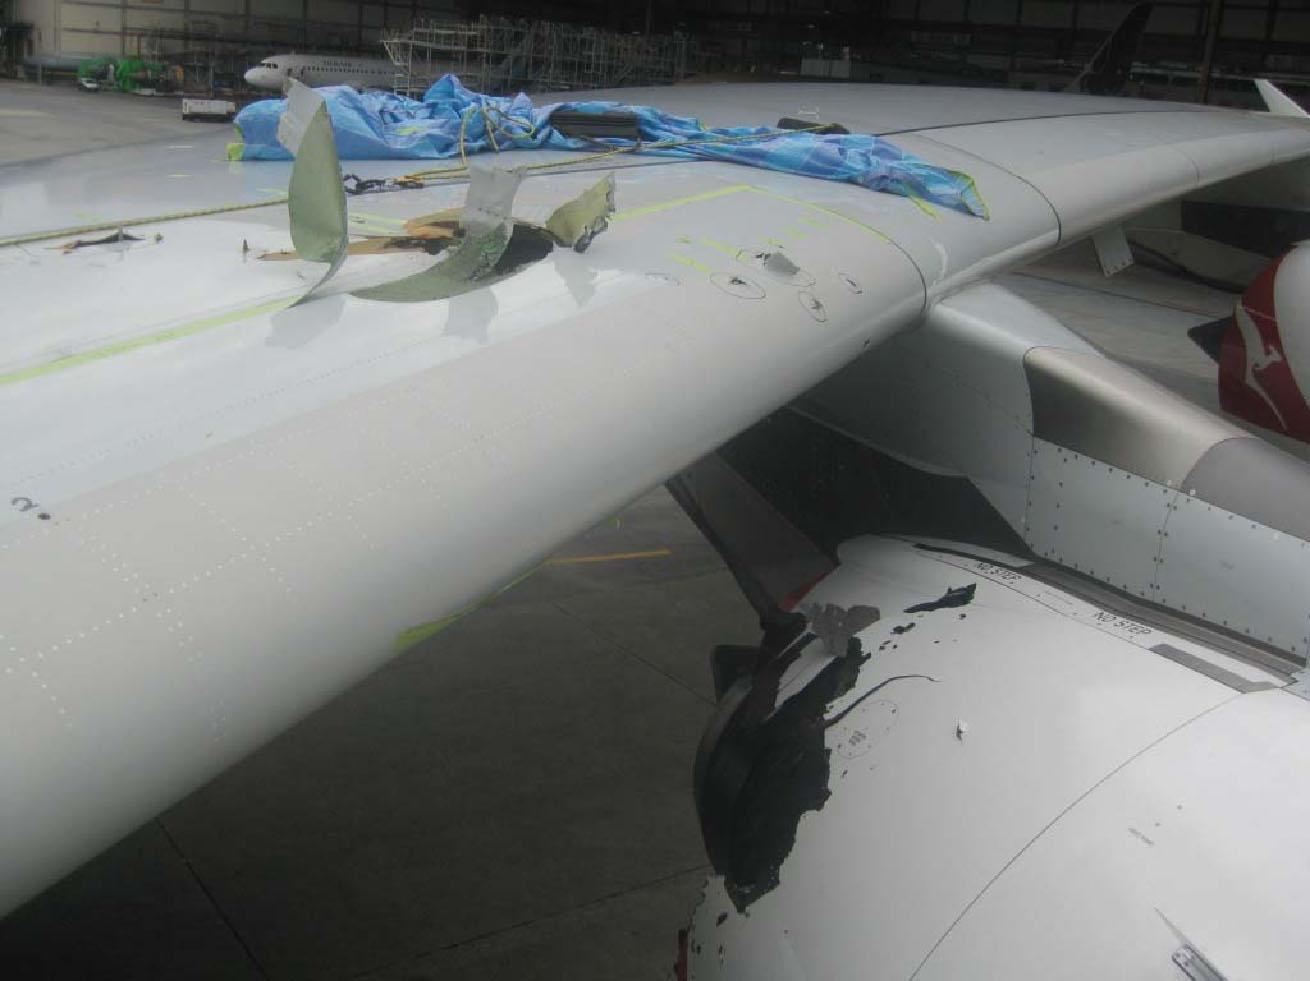 Los daños en el ala indican la proyección de fragmentos desde el motor hacia el ala, atravesando la misma.